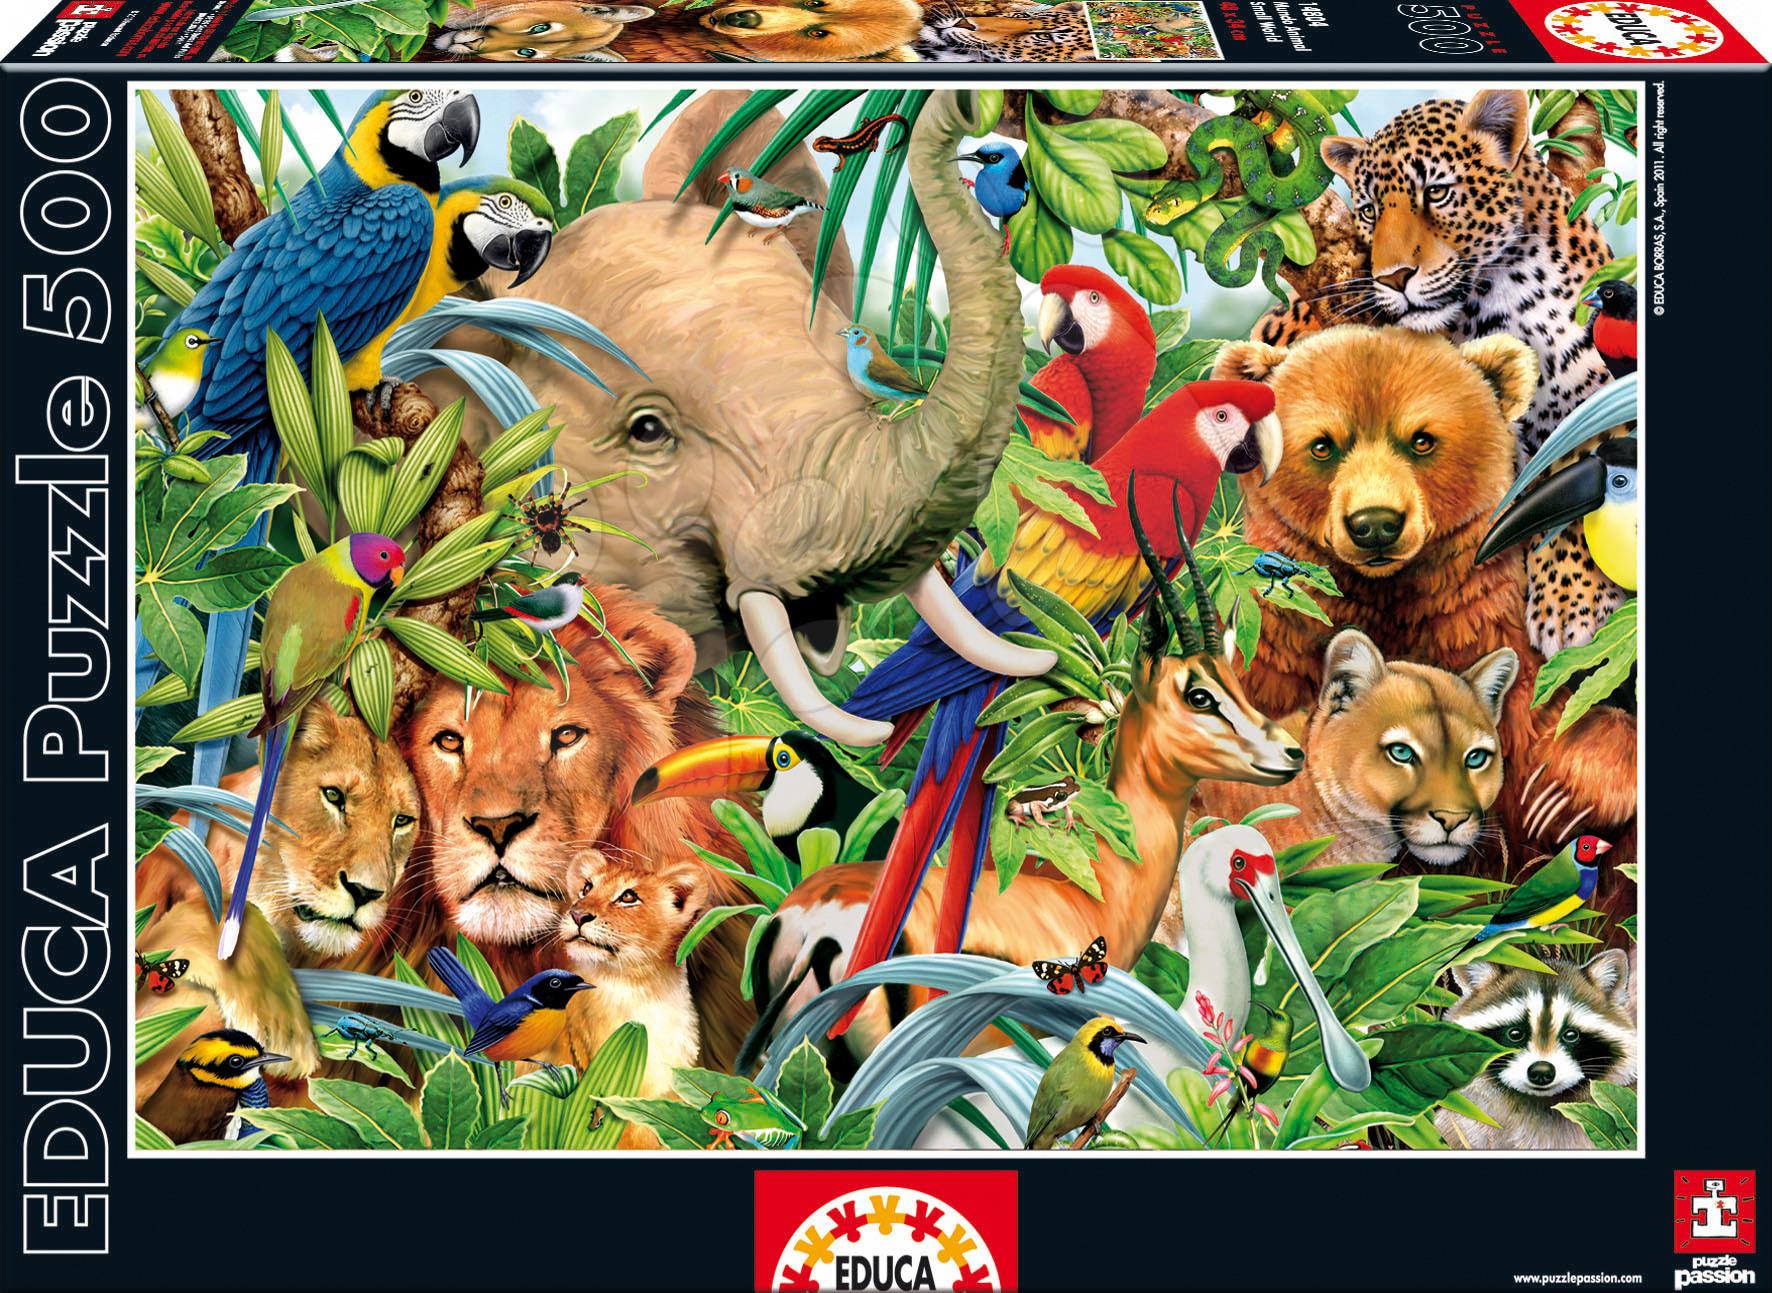 500 darabos puzzle - Puzzle Dzsungel világ Educa 500 db 11 évtől